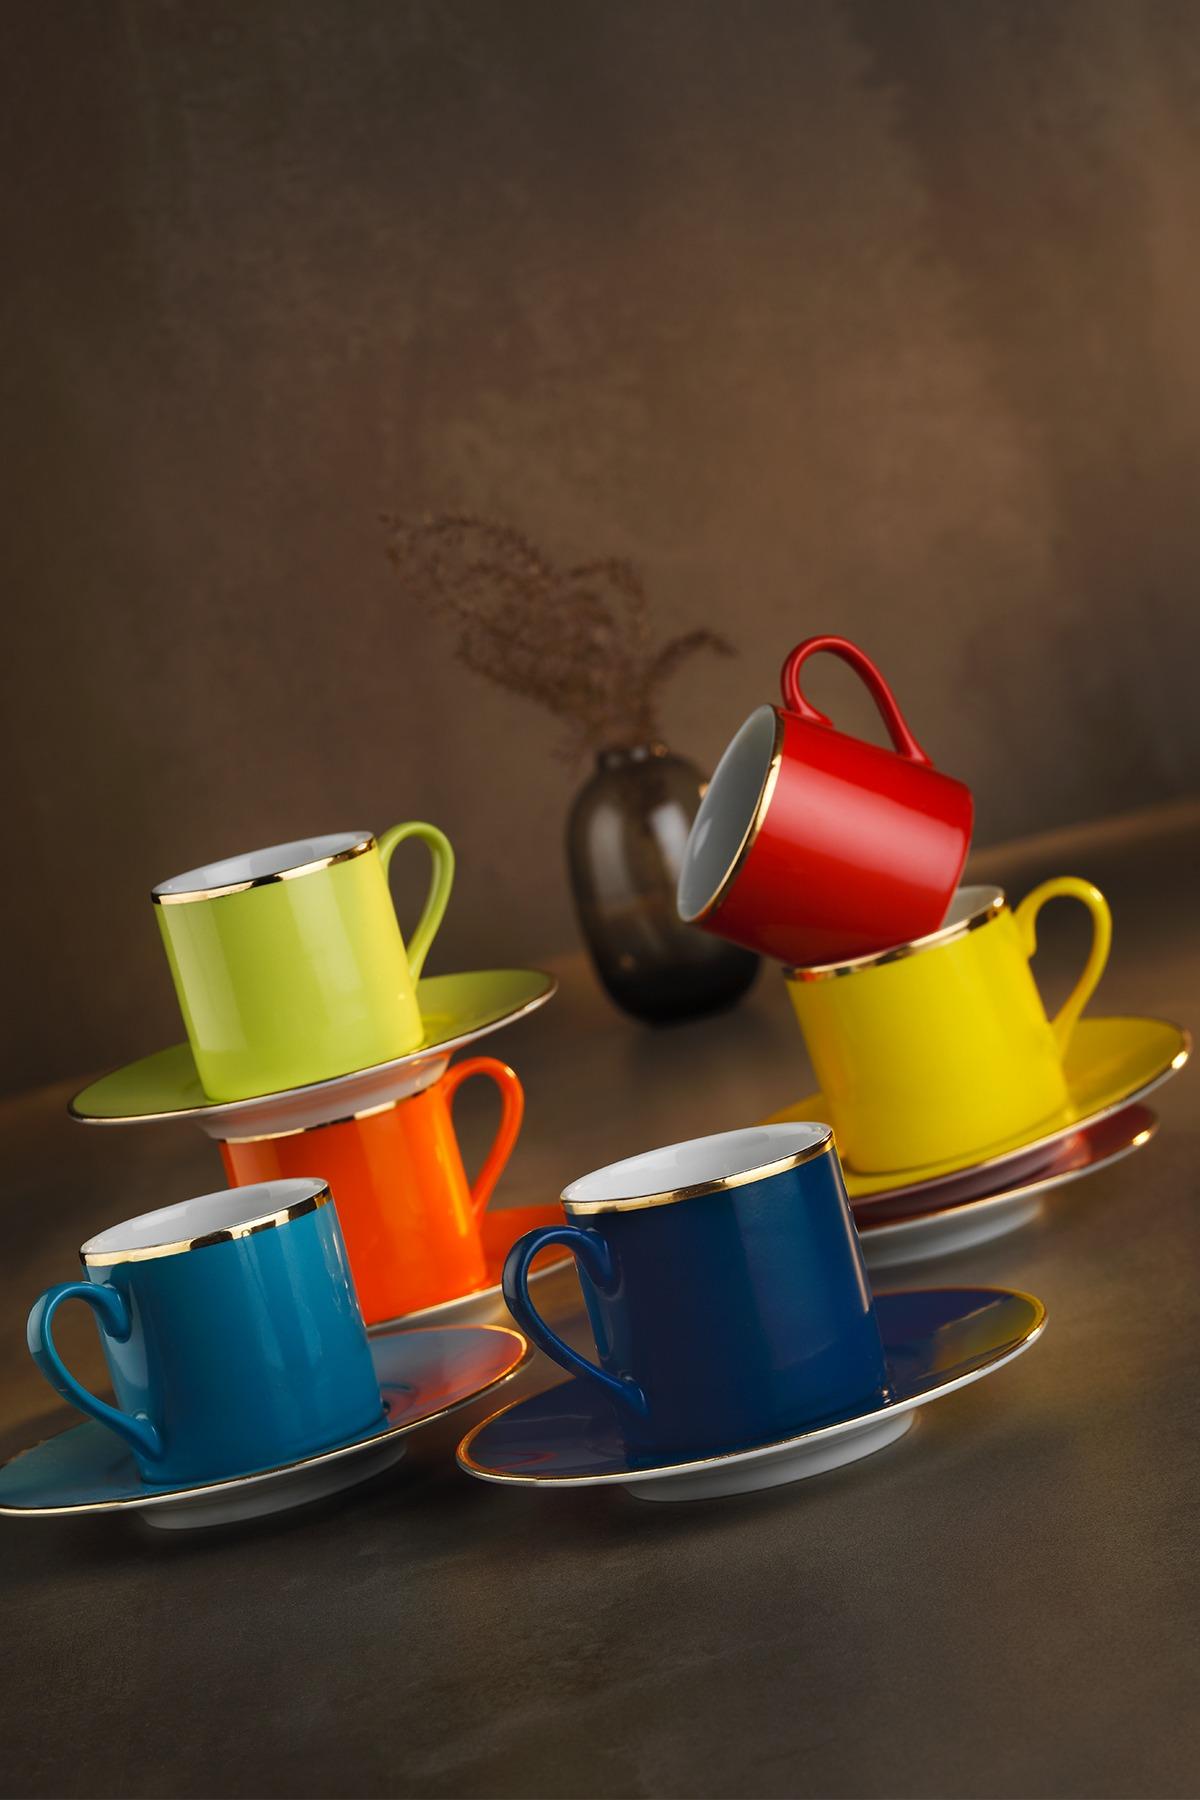 Kütahya Porselen - Kütahya Porselen Rüya Renkli Kahve Fincan Takımı